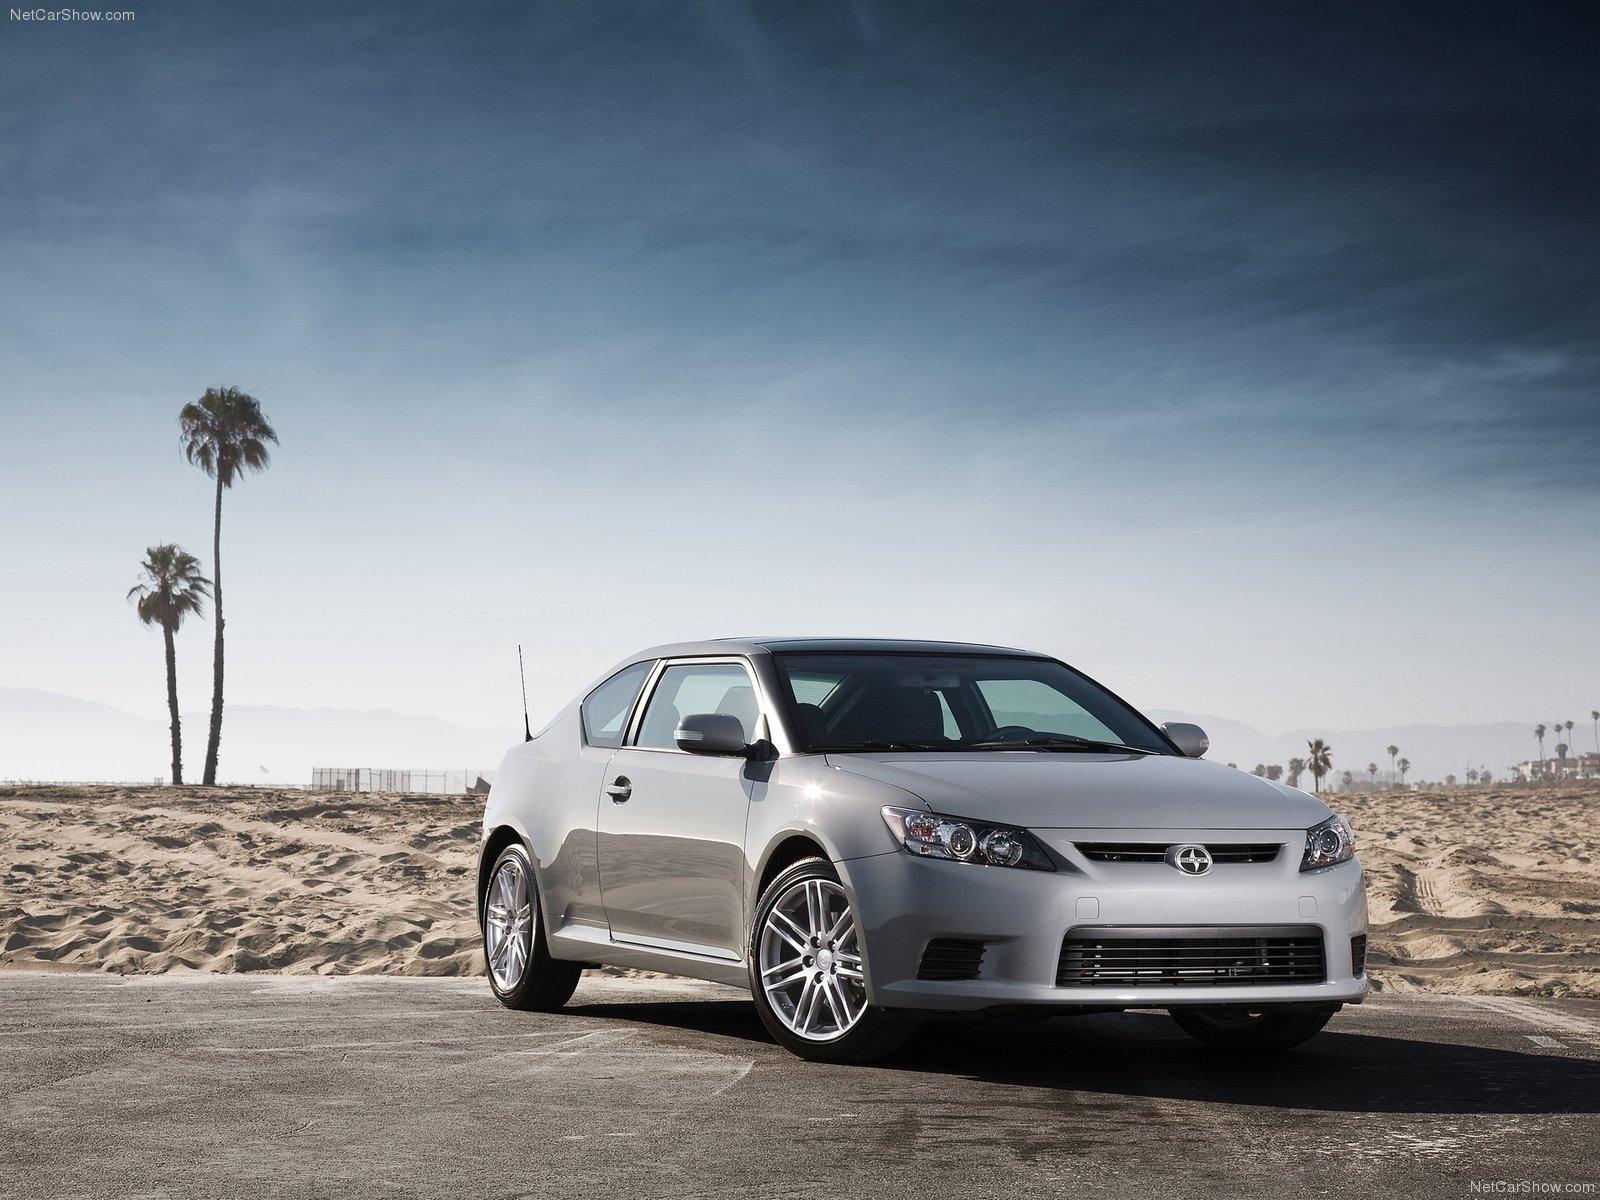 Hình ảnh xe ô tô Scion tC 2011 & nội ngoại thất